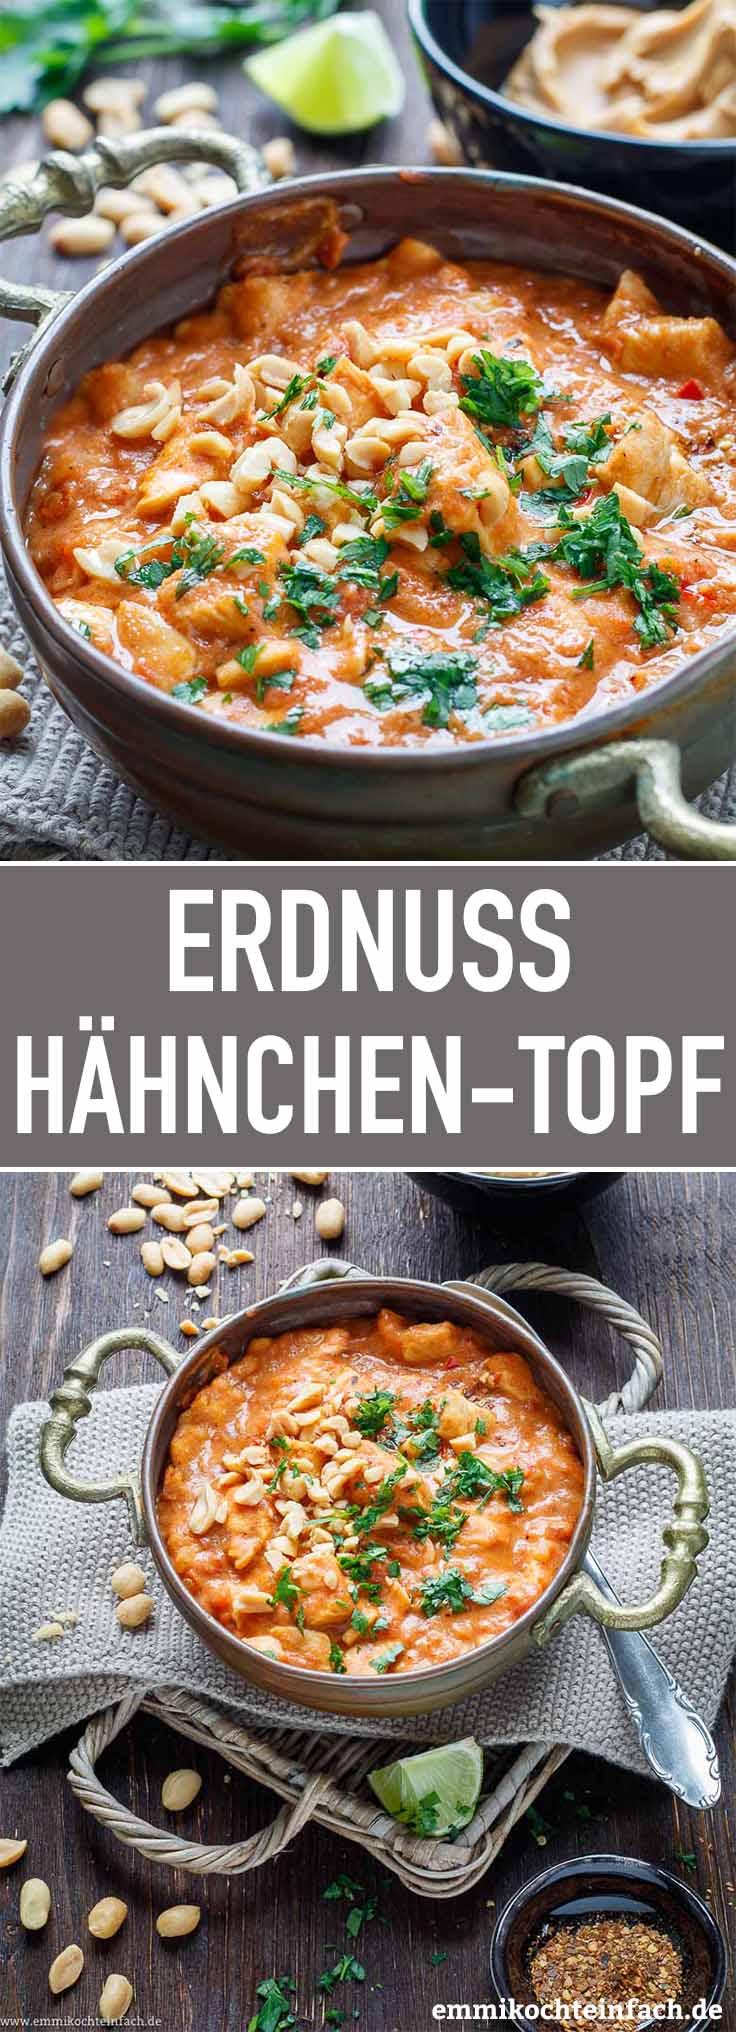 Erdnuss Hähnchen Topf - www.emmikochteinfach.de